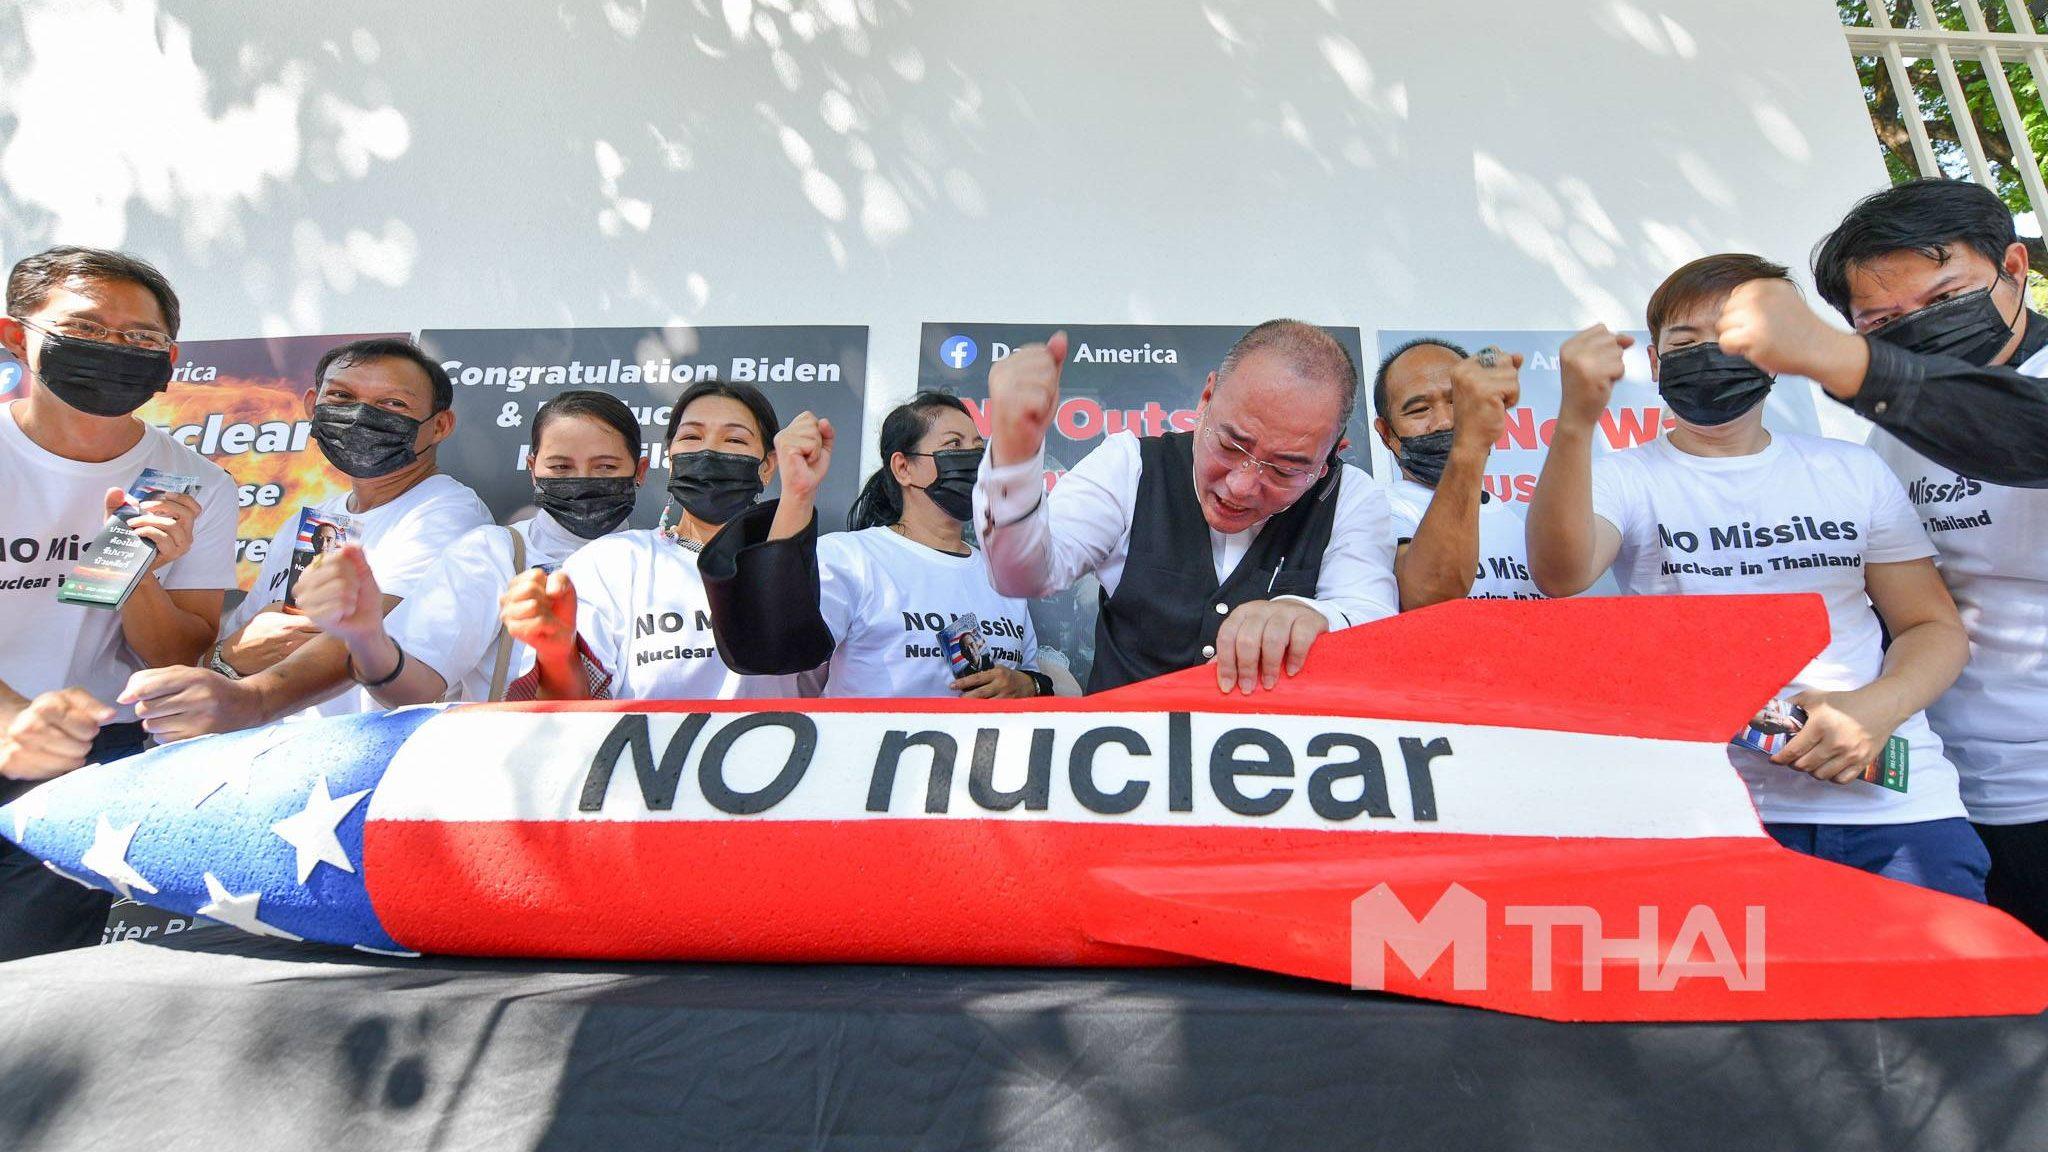 'โบบิ' บุกสถานฑูตอเมริกา ค้านติดตั้งนิวเคลียร์ในไทย